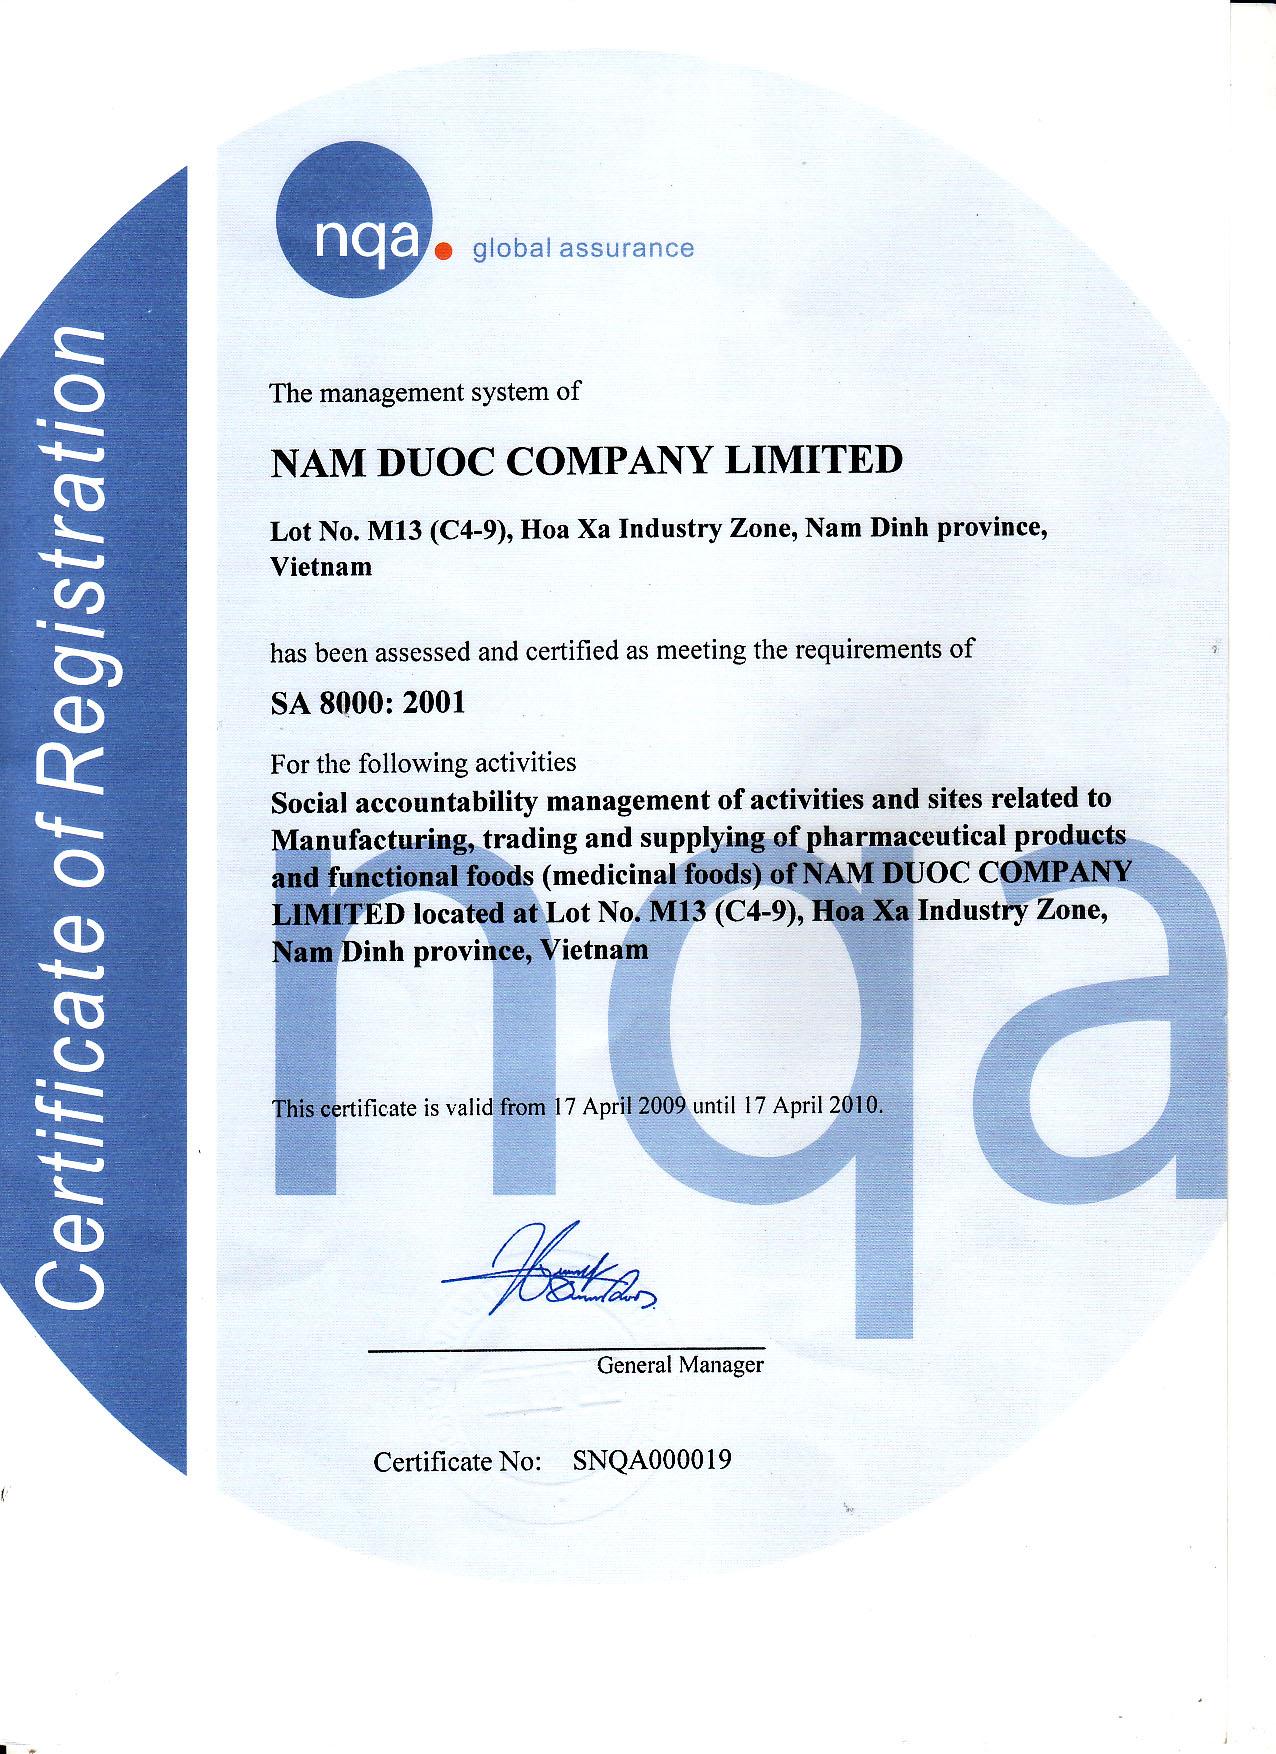 Ảnh 4: Giấy chứng nhận tiêu chuẩn SA 8000: 2001 do tổ chức NQA Vương Quốc Anh xác thực